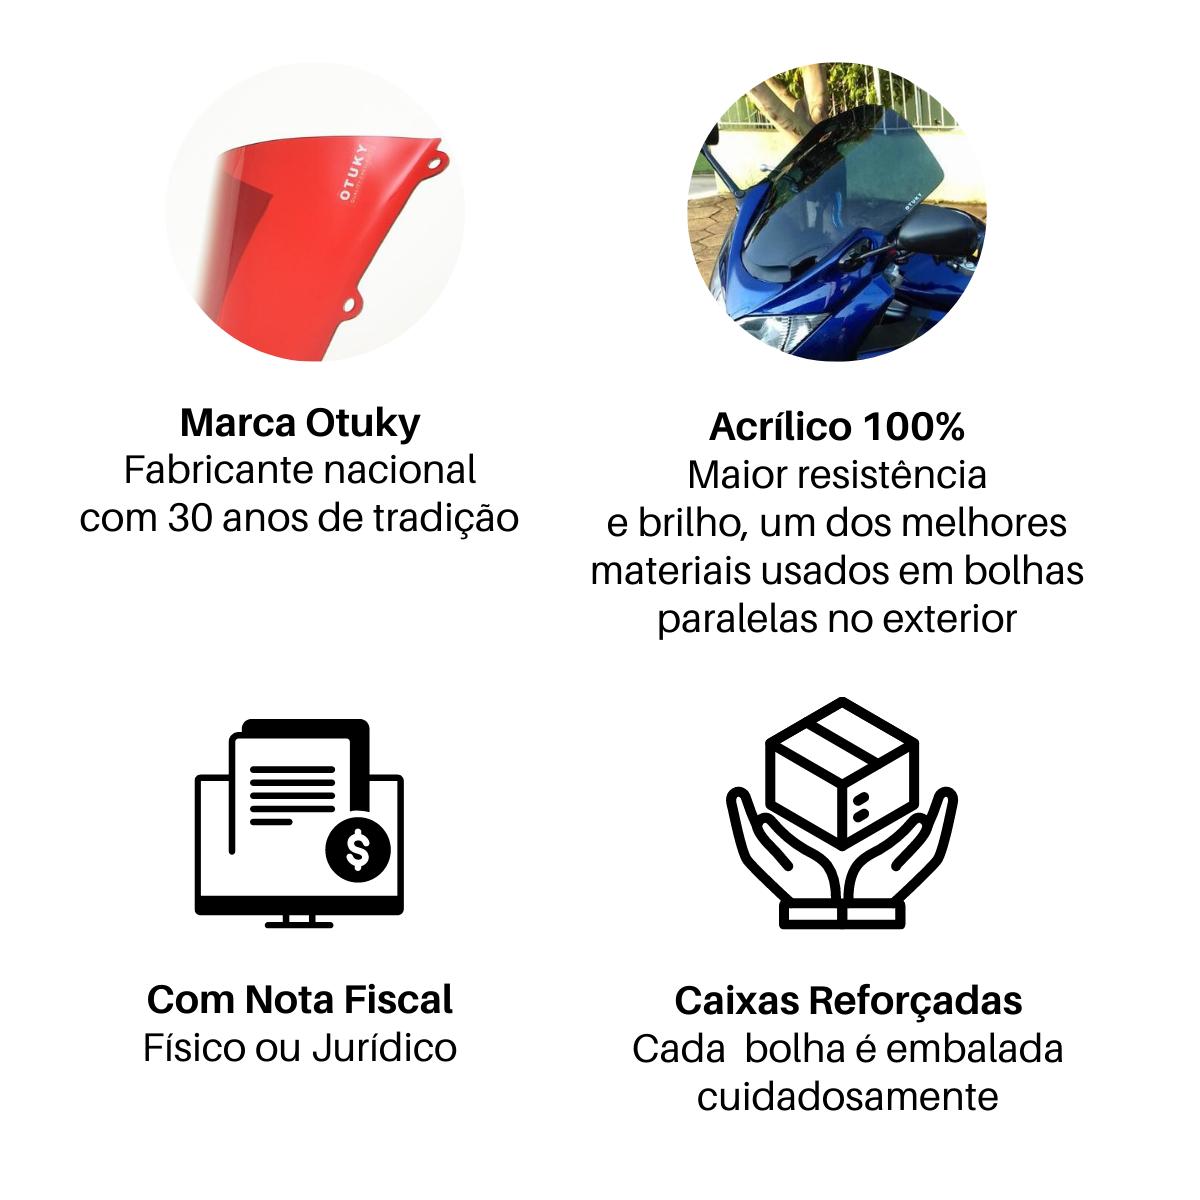 Bolha para Moto Srad 1000 Gsx-R 2011 2012 2013 2014 2015 2016 2017 Otuky Fumê Cinza